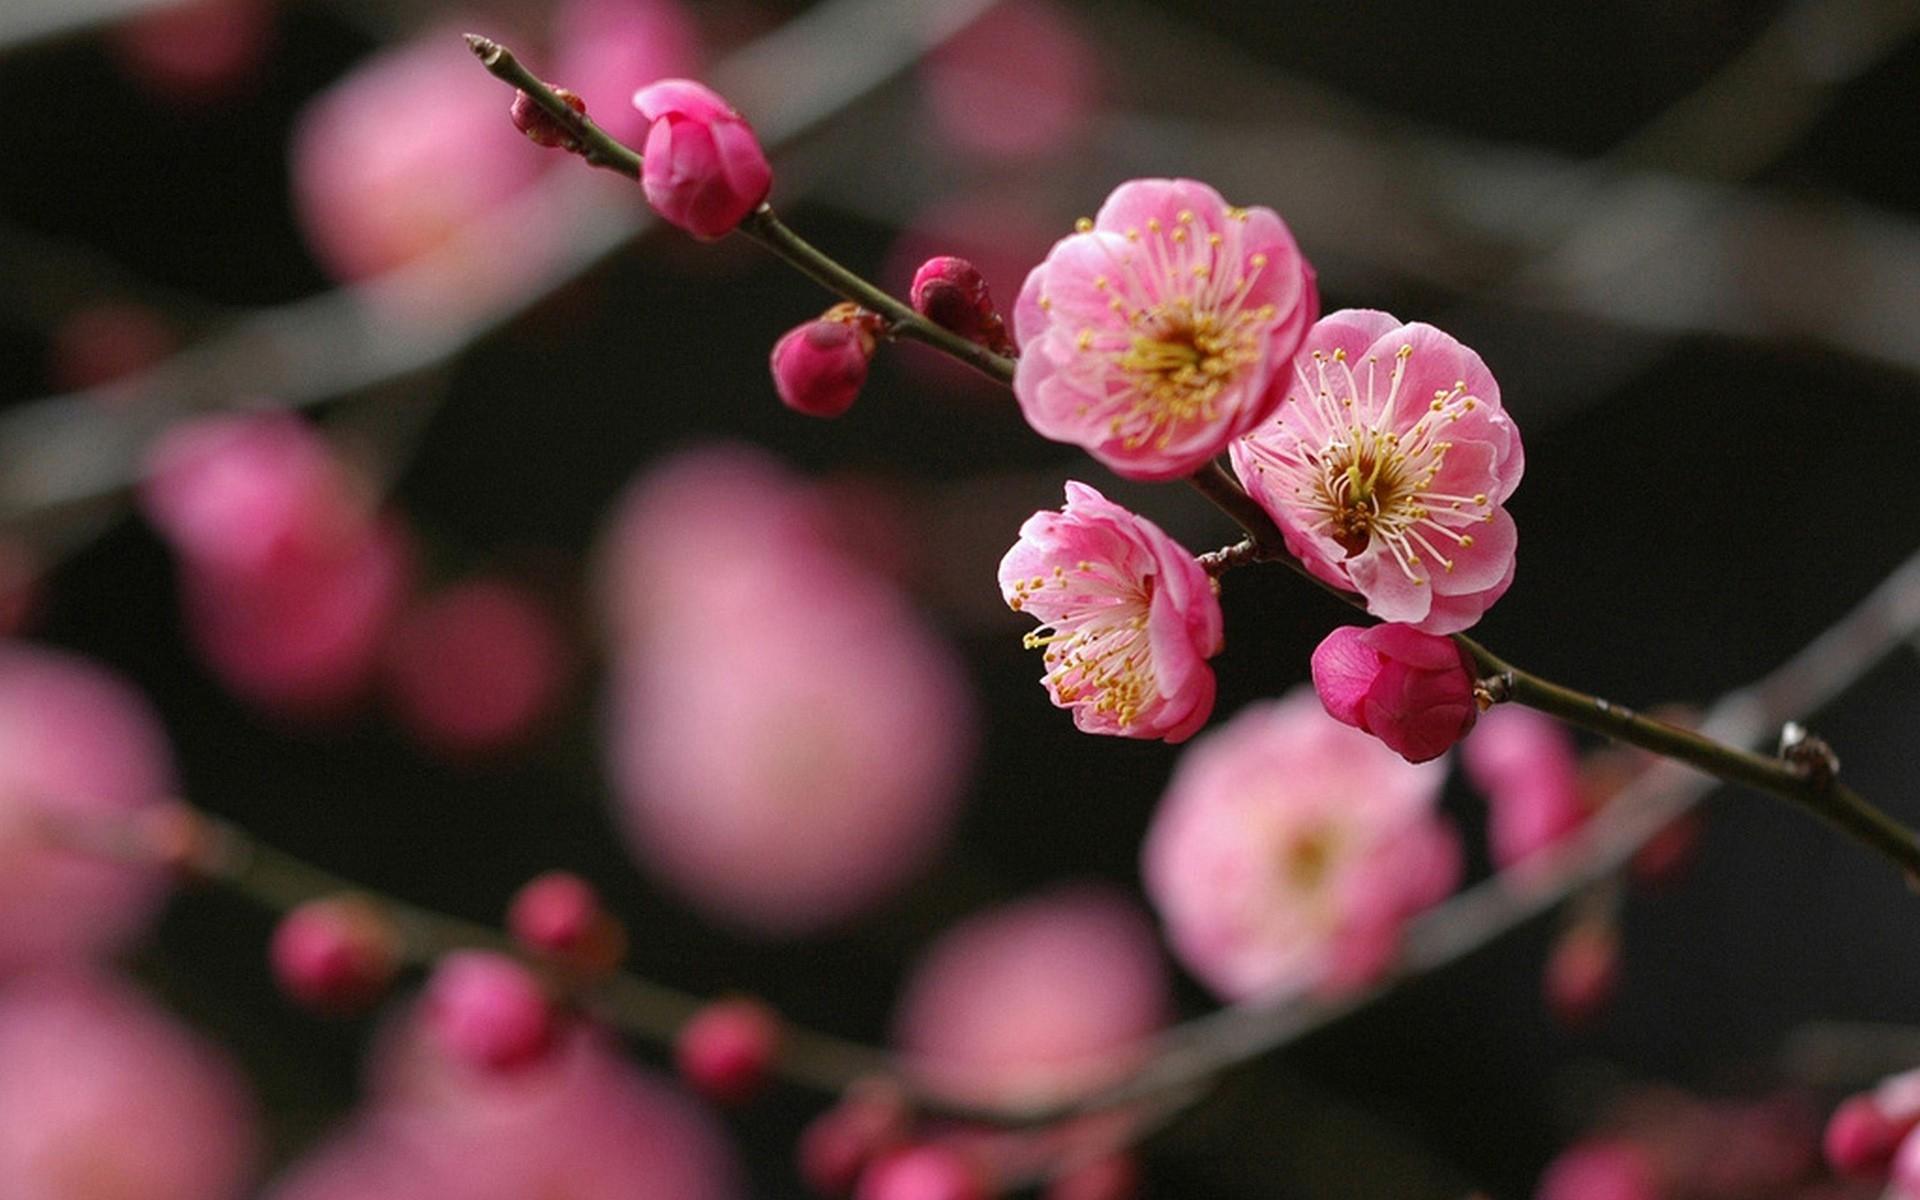 Картинки Цветок, ветка, растение, яркий, весна фото и обои на рабочий стол